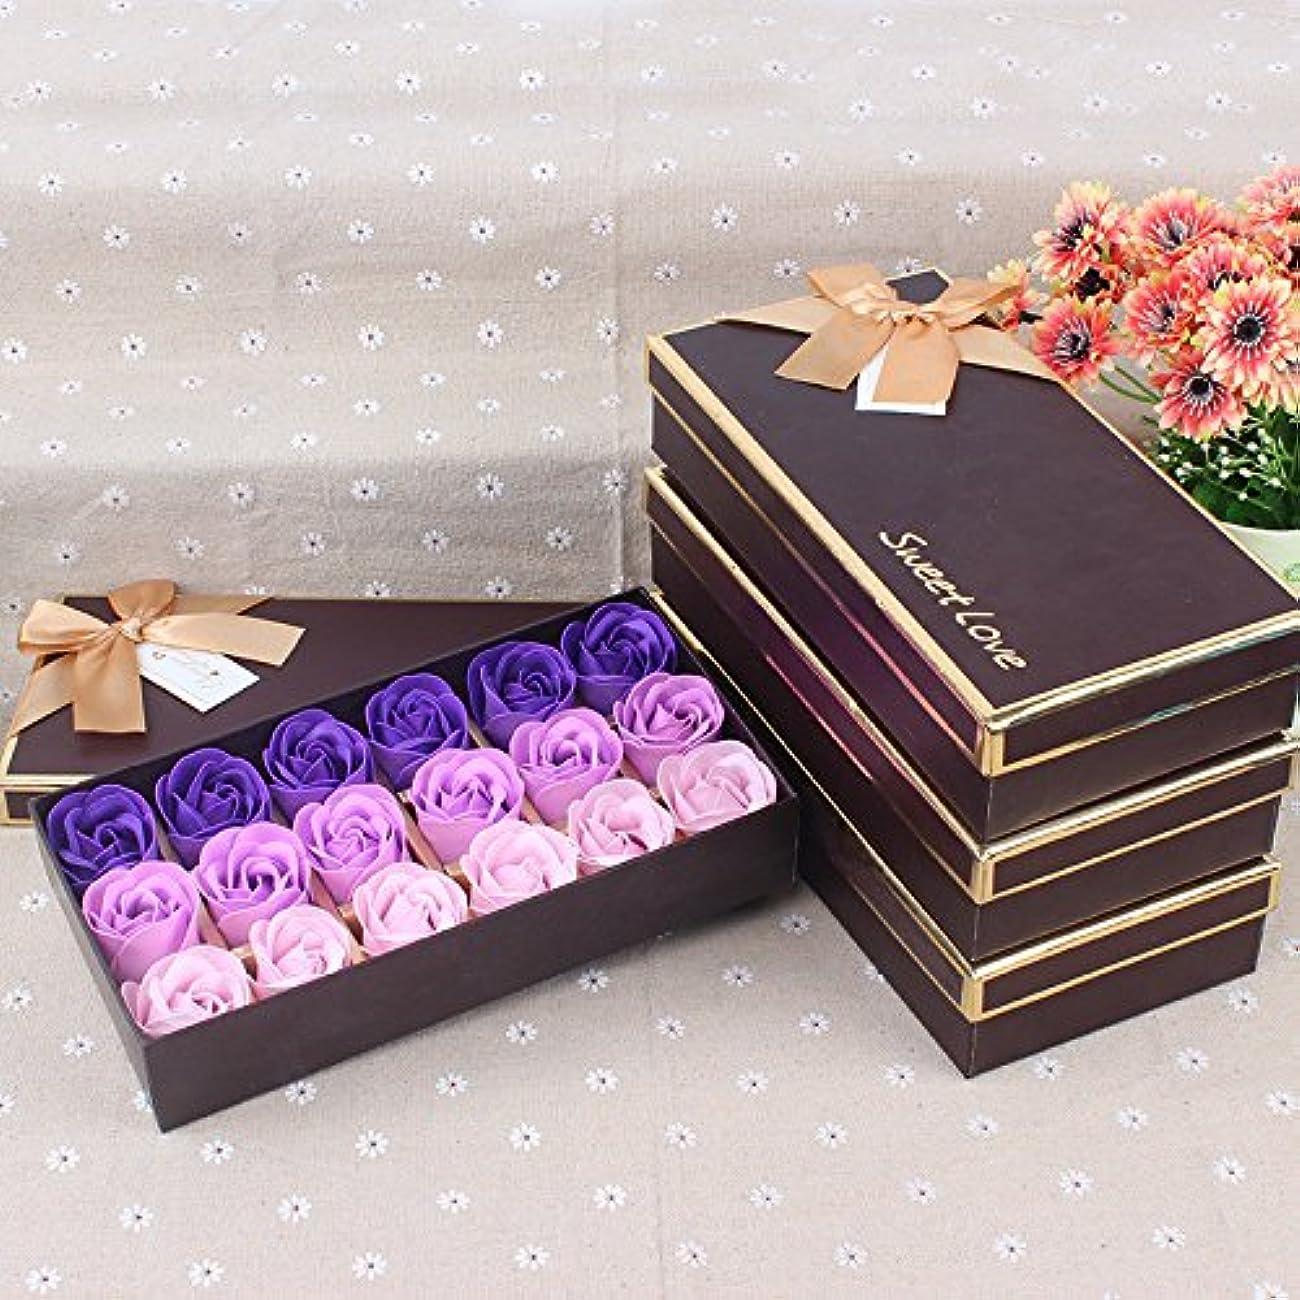 夜配管工供給Weryn(TM)結婚式のためのギフトボックスバレンタインデーの愛の贈り物で18バラセット香りの入浴ソープローズソープ花びら[Purplegradient]